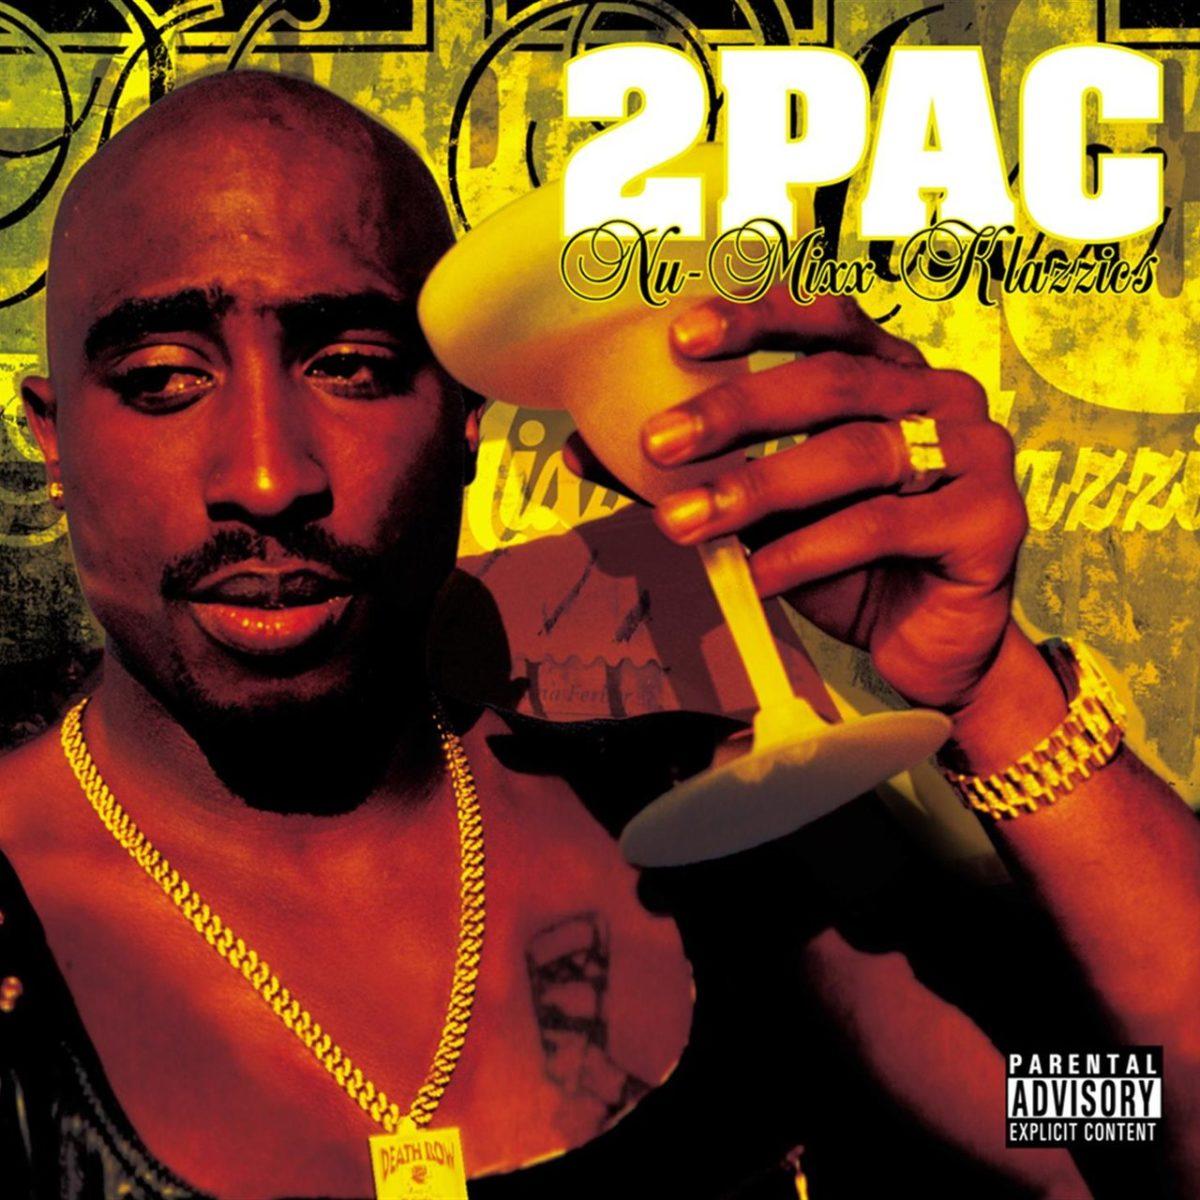 2Pac - Nu-Mixx Klazzics (Cover)